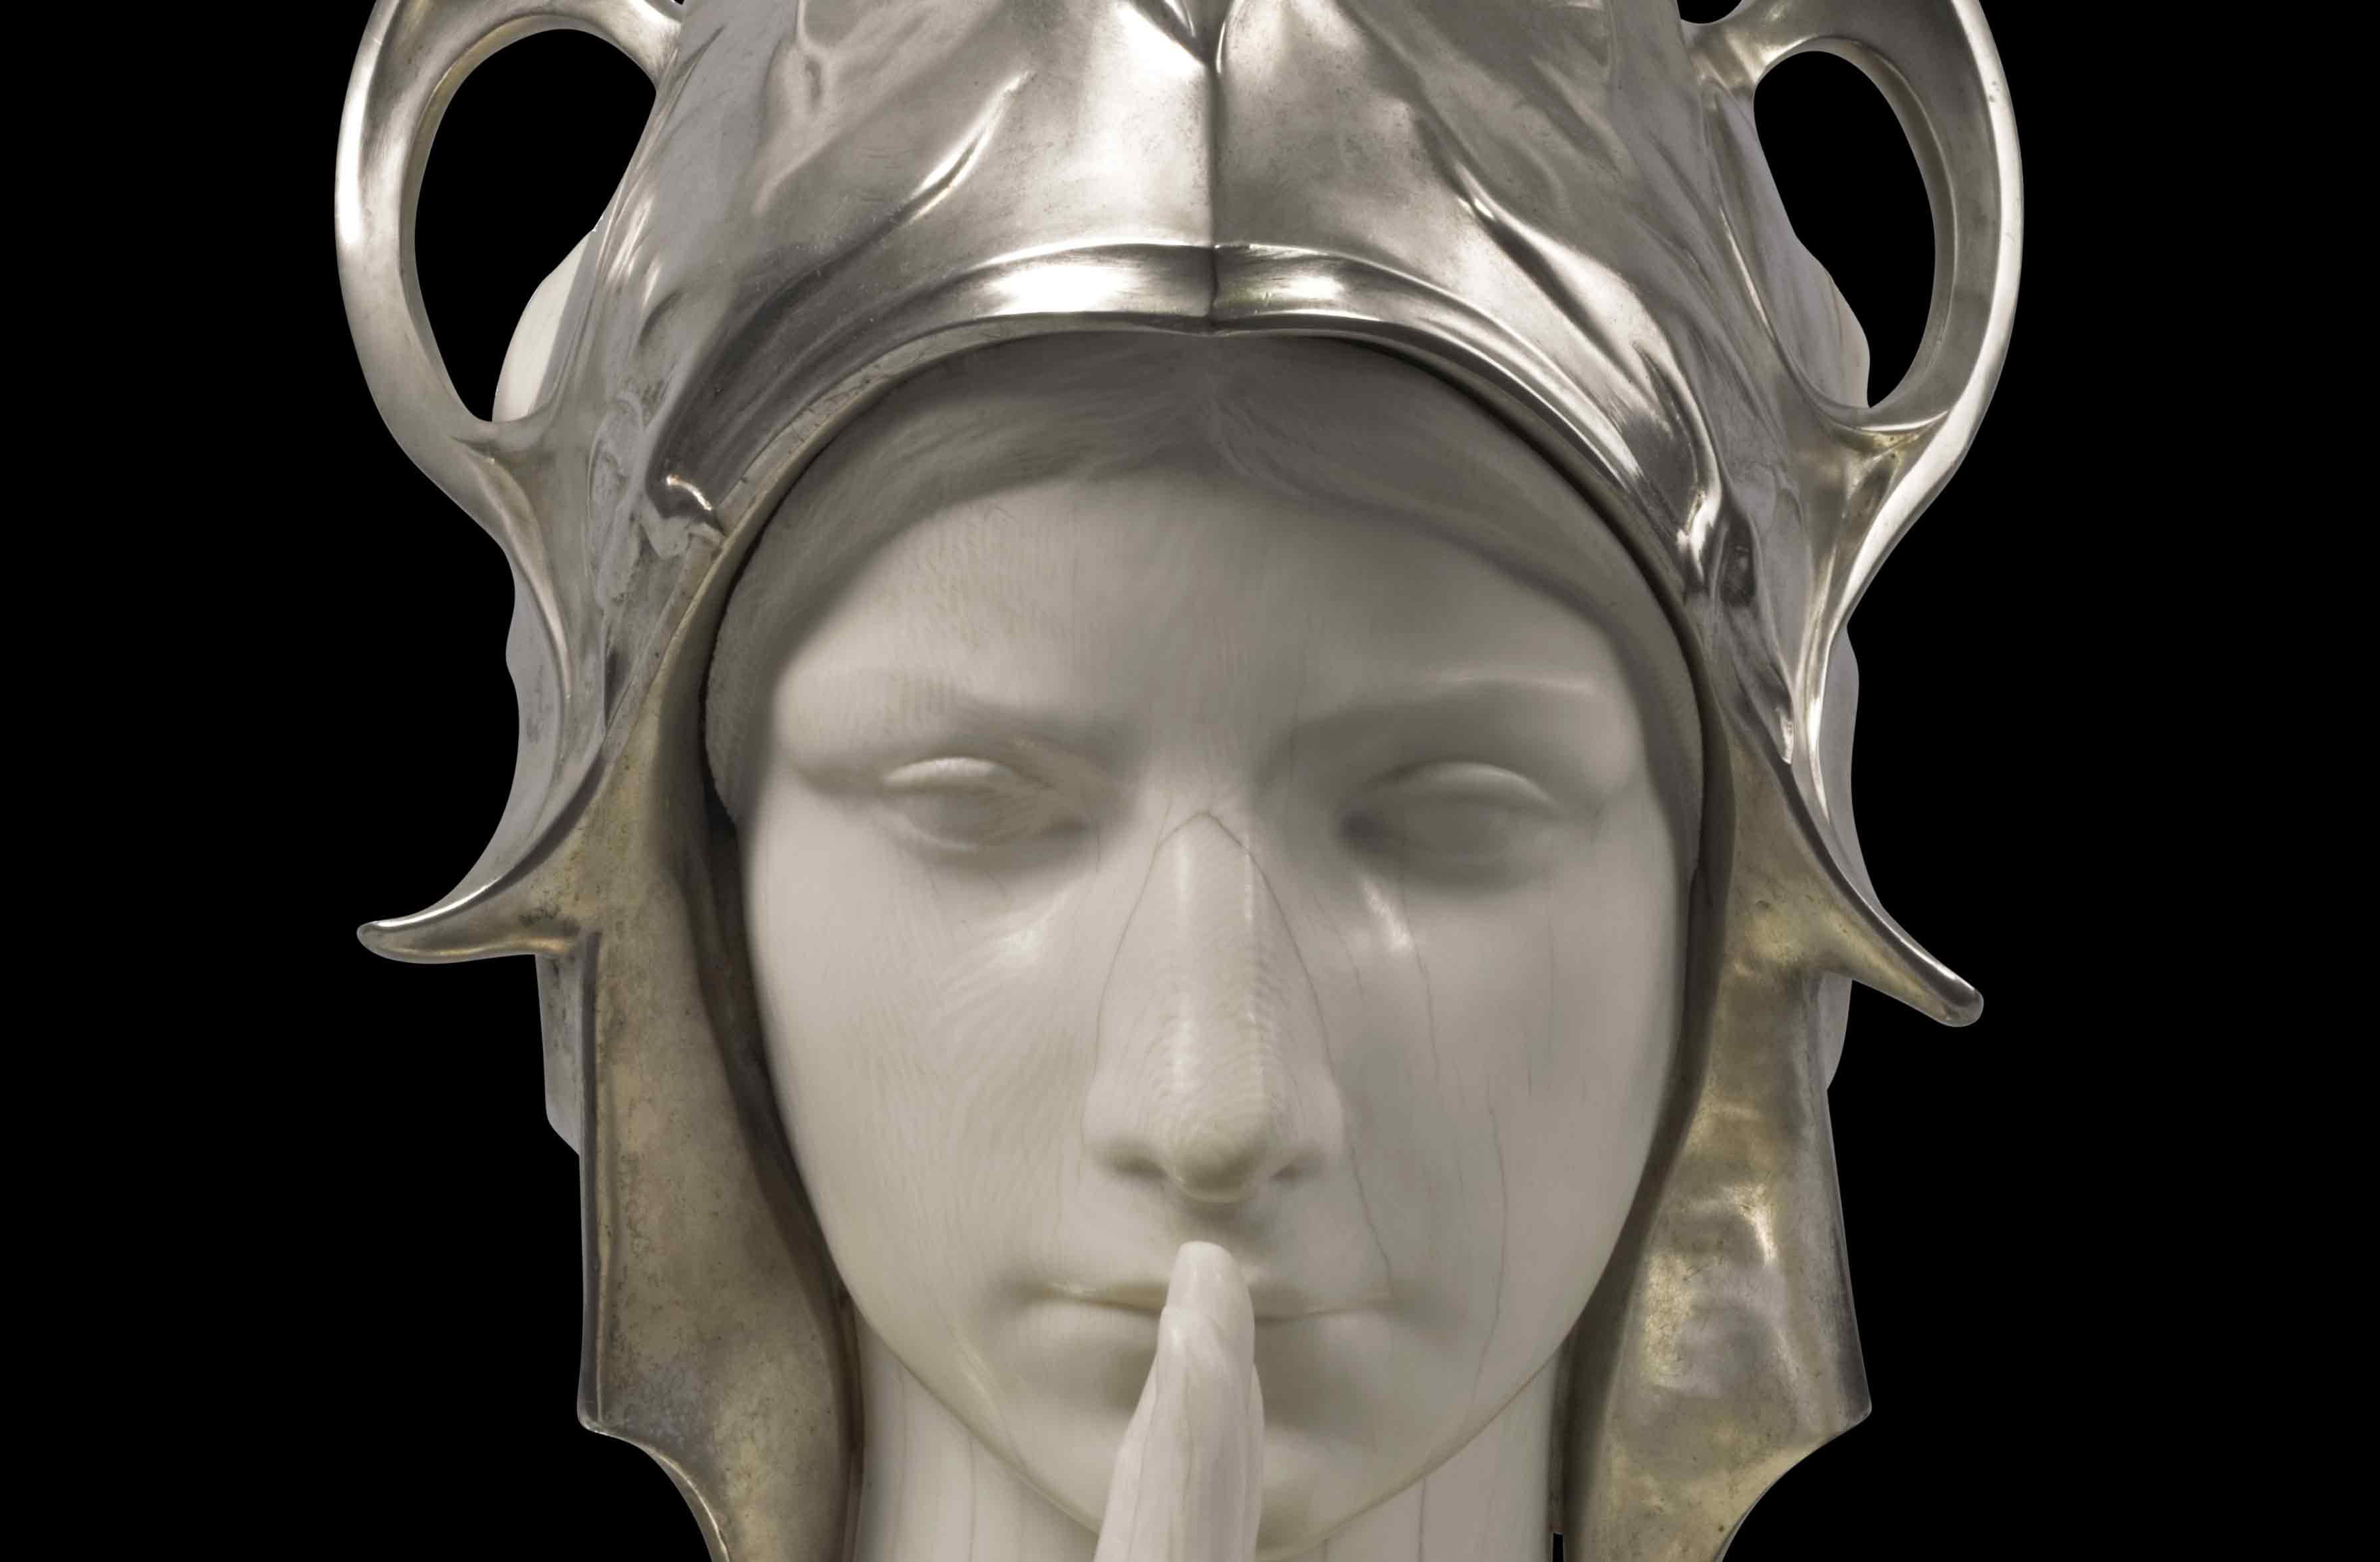 Een buste van een vrouw, gemaakt uit ivoor. De vrouw heft haar rechterhand en houdt deze gestrekt voor de mond. Ze draagt een harnas en helm uit zilver. De helm is versierd met een adelaarskop en adelaarsvleugels en planten motieven. Ook het harnas is versierd met plantenmotieven. Rond de pols van de vrouw slingert zich een slang.